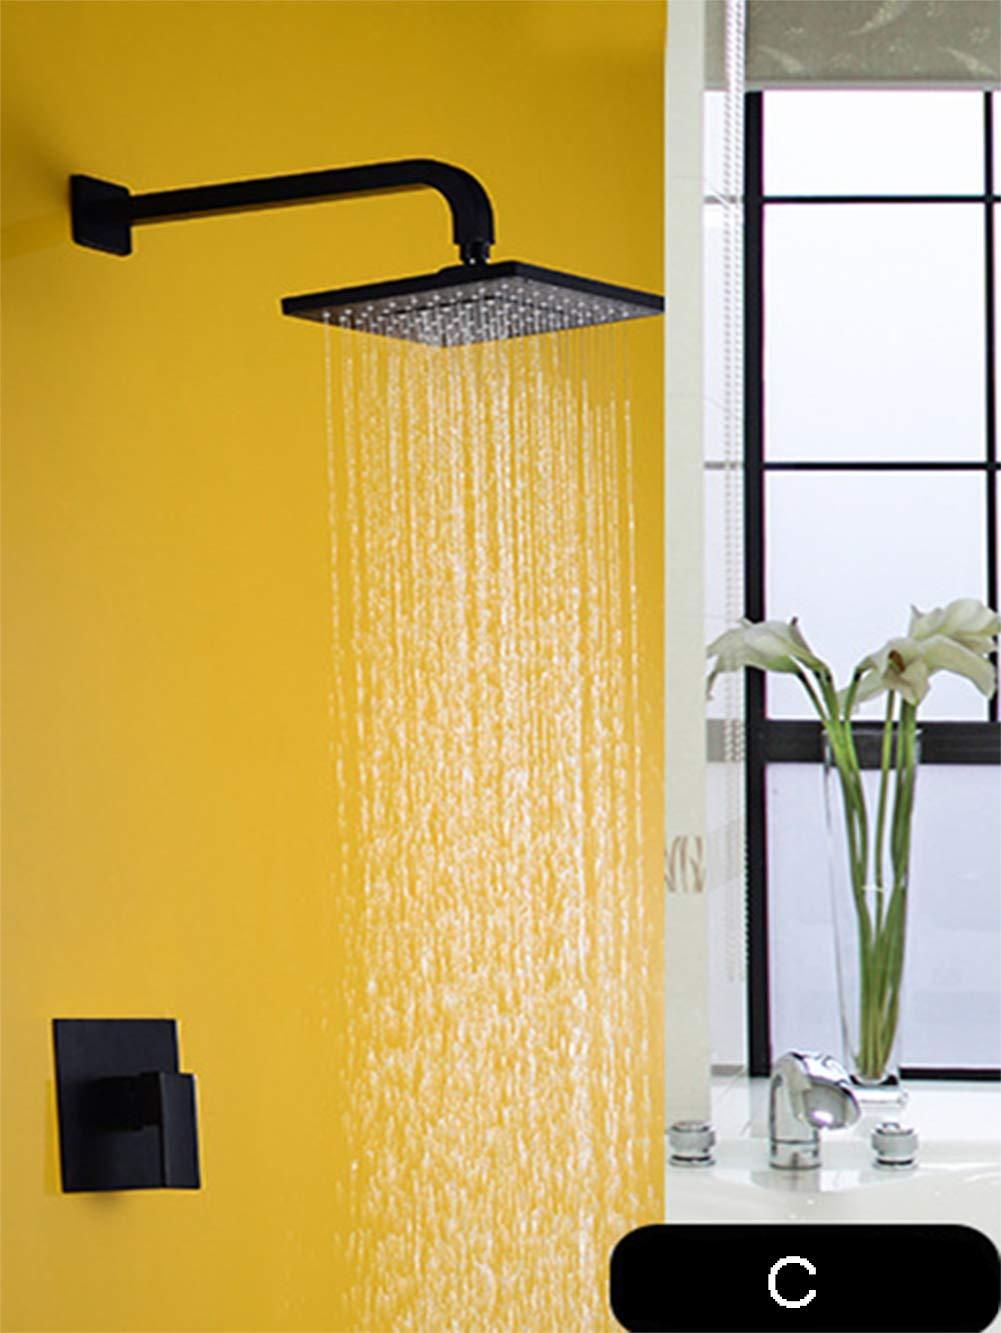 QSWL Duschsysteme Dusche Wasserhahn Set Brausebatterie-Kombinationsset Wandmontage-Duschsystem Mit Regendusche Und Handbrause Mit Automatischer Nozzie-Reinigung, Einschließlich Regelventil